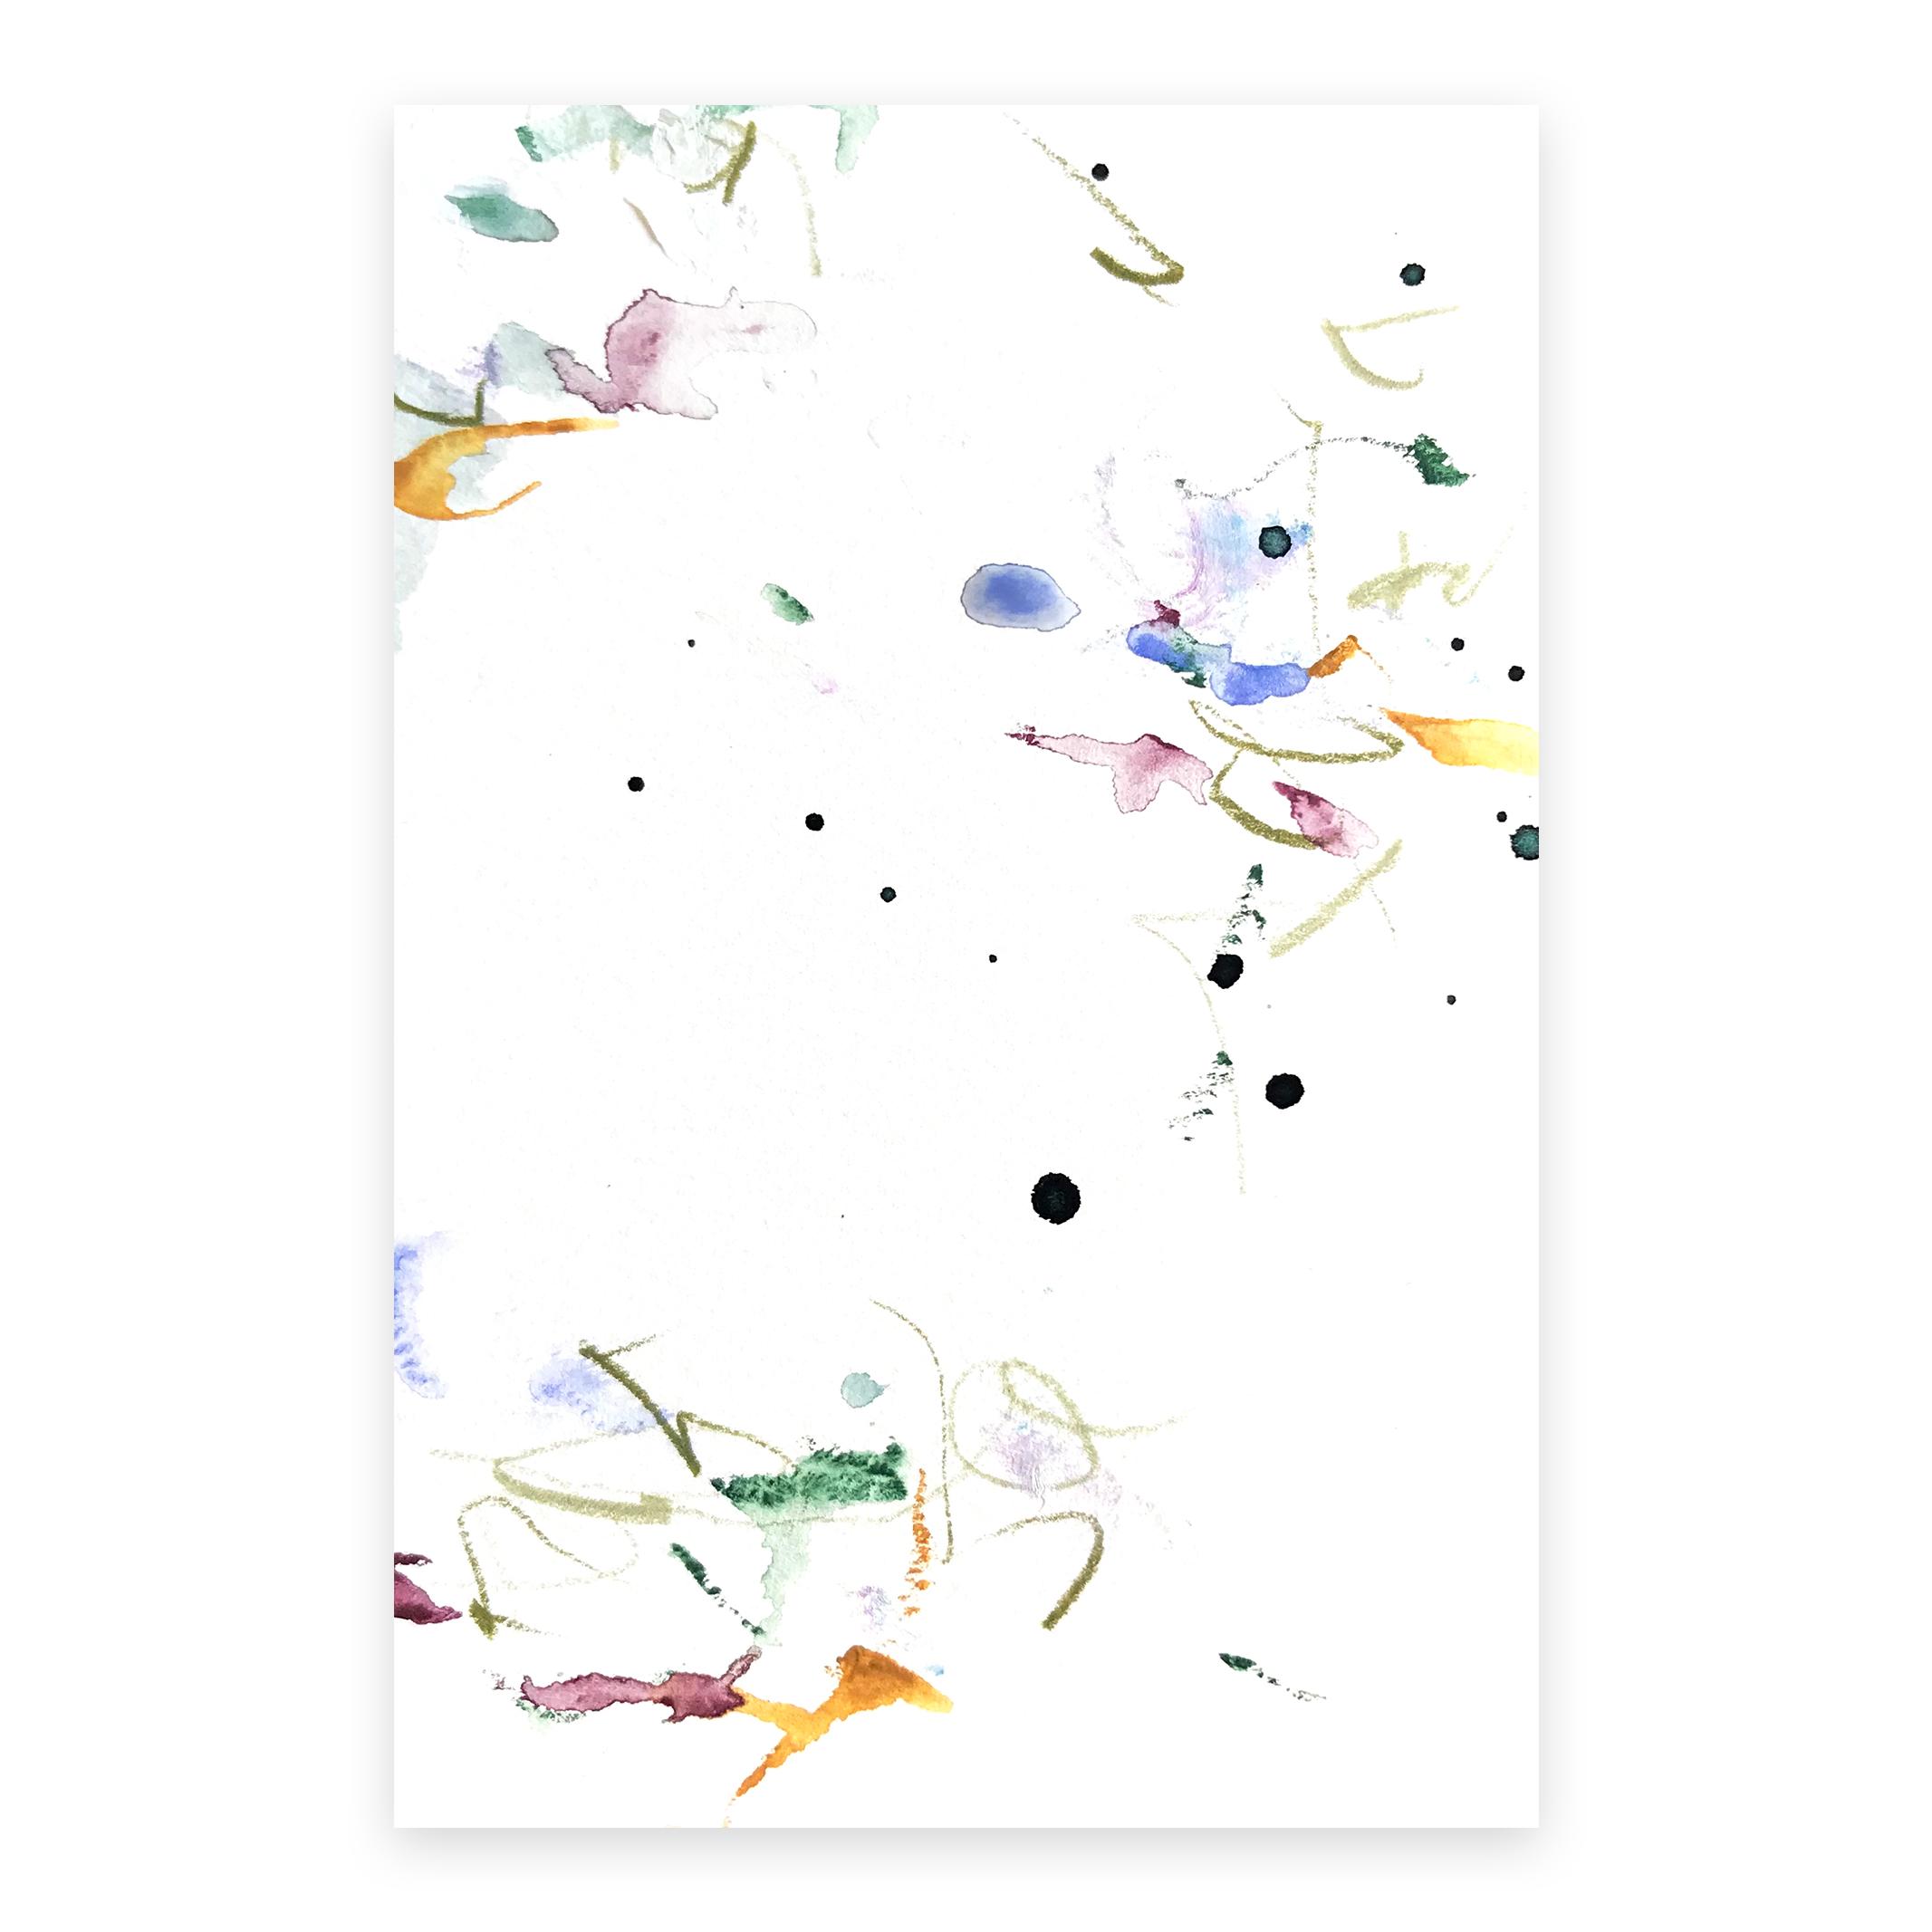 dd_nov15181  Mixed media on paper 14.8×10cm